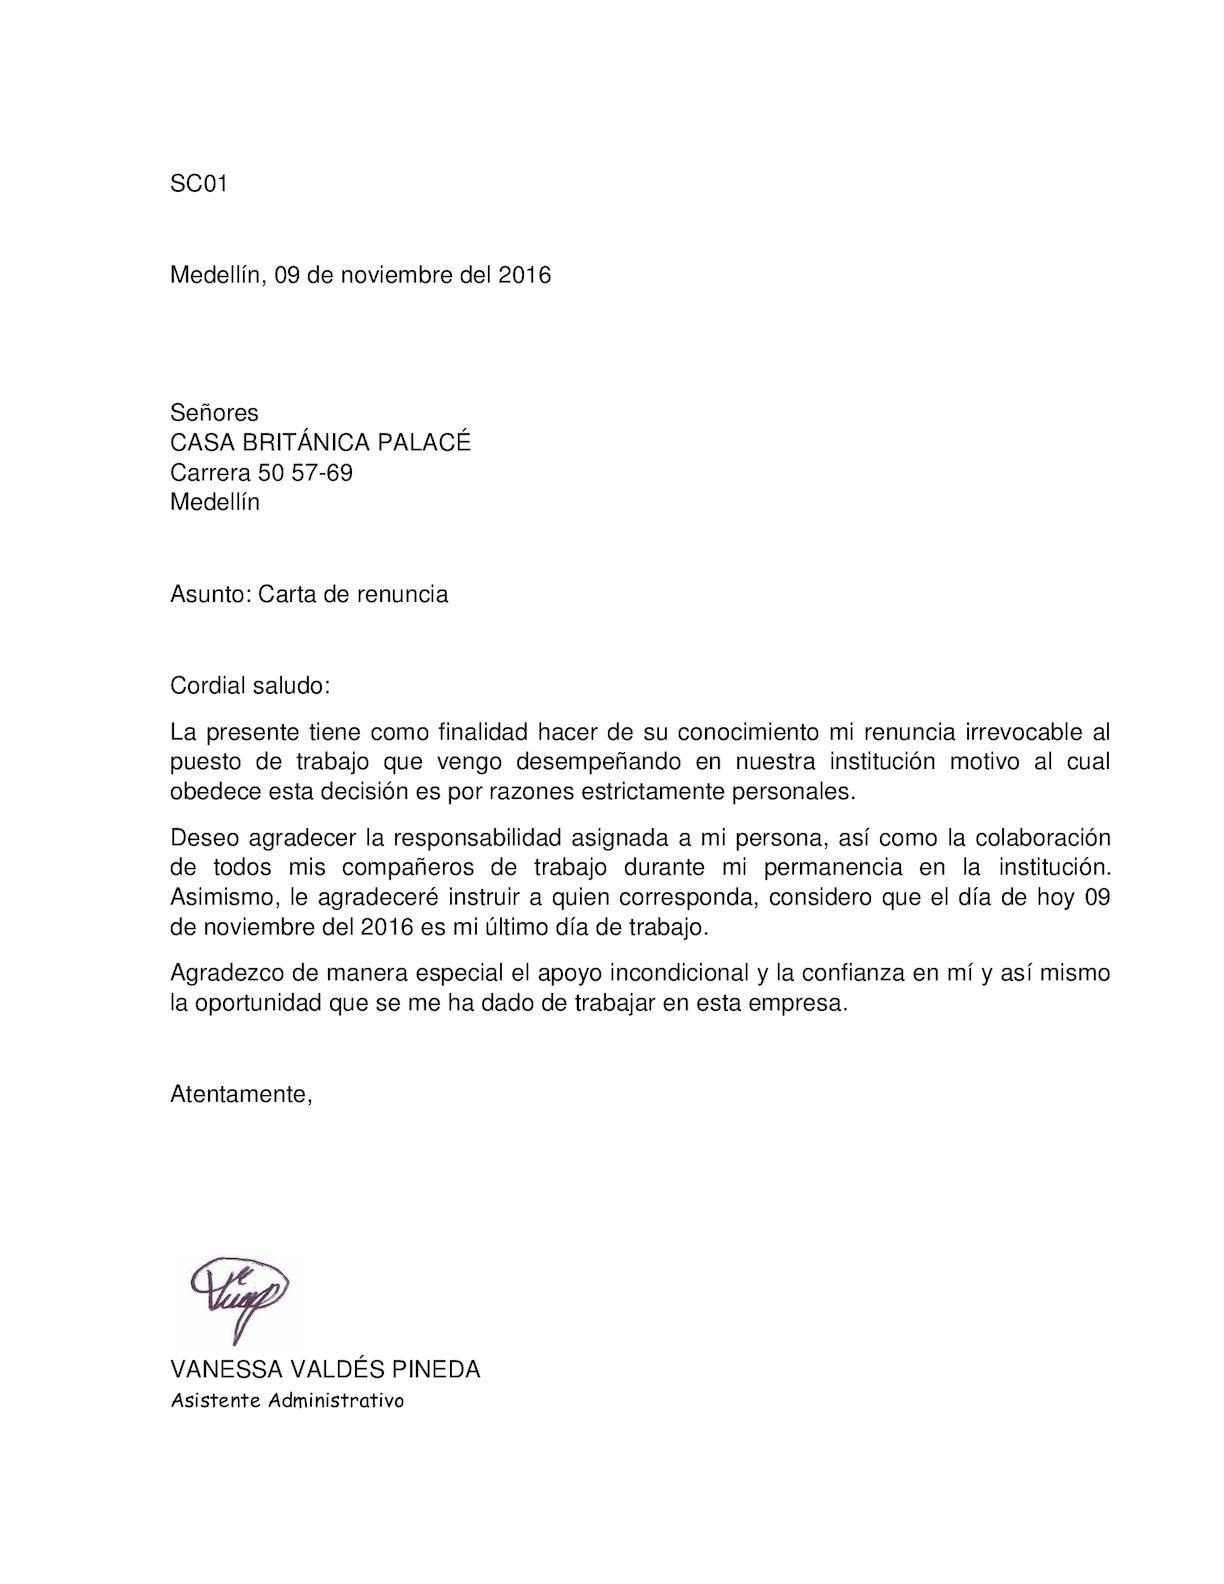 Carta De Renuncia Irrevocable Carta De Renuncia Cartas Puestos De Trabajo Formatos de cartas de renuncias